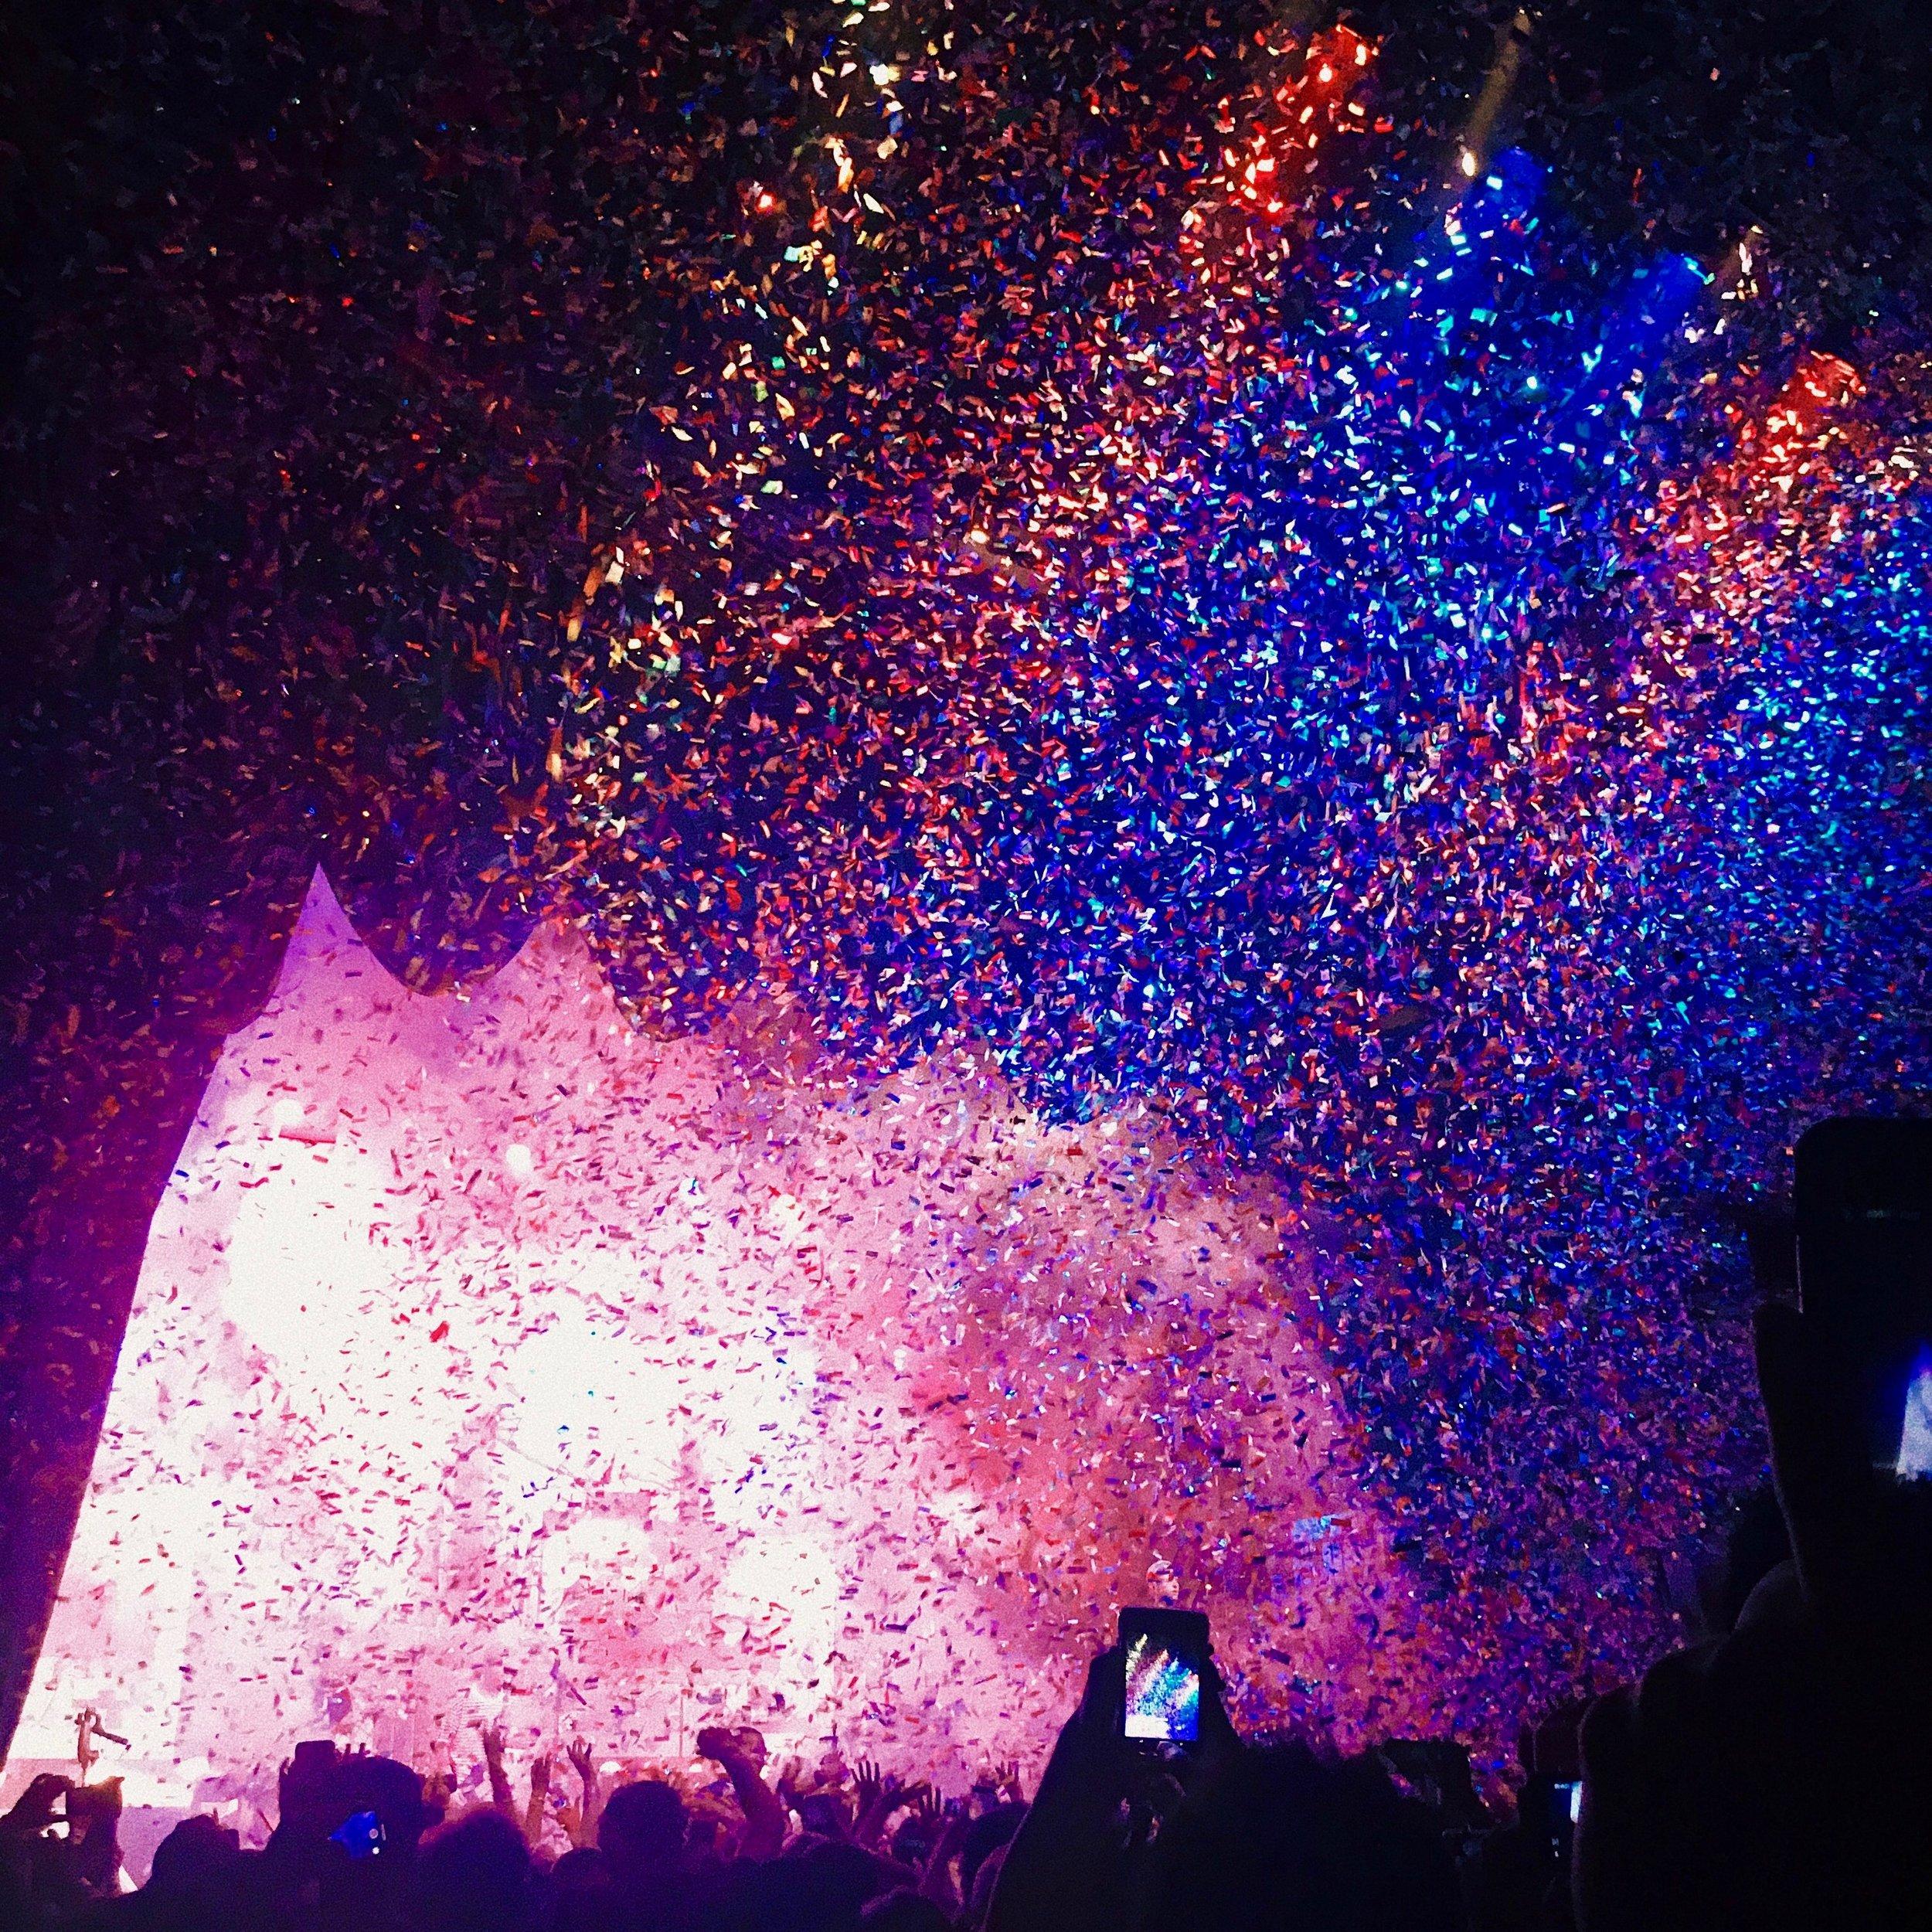 60. Confetti at concerts